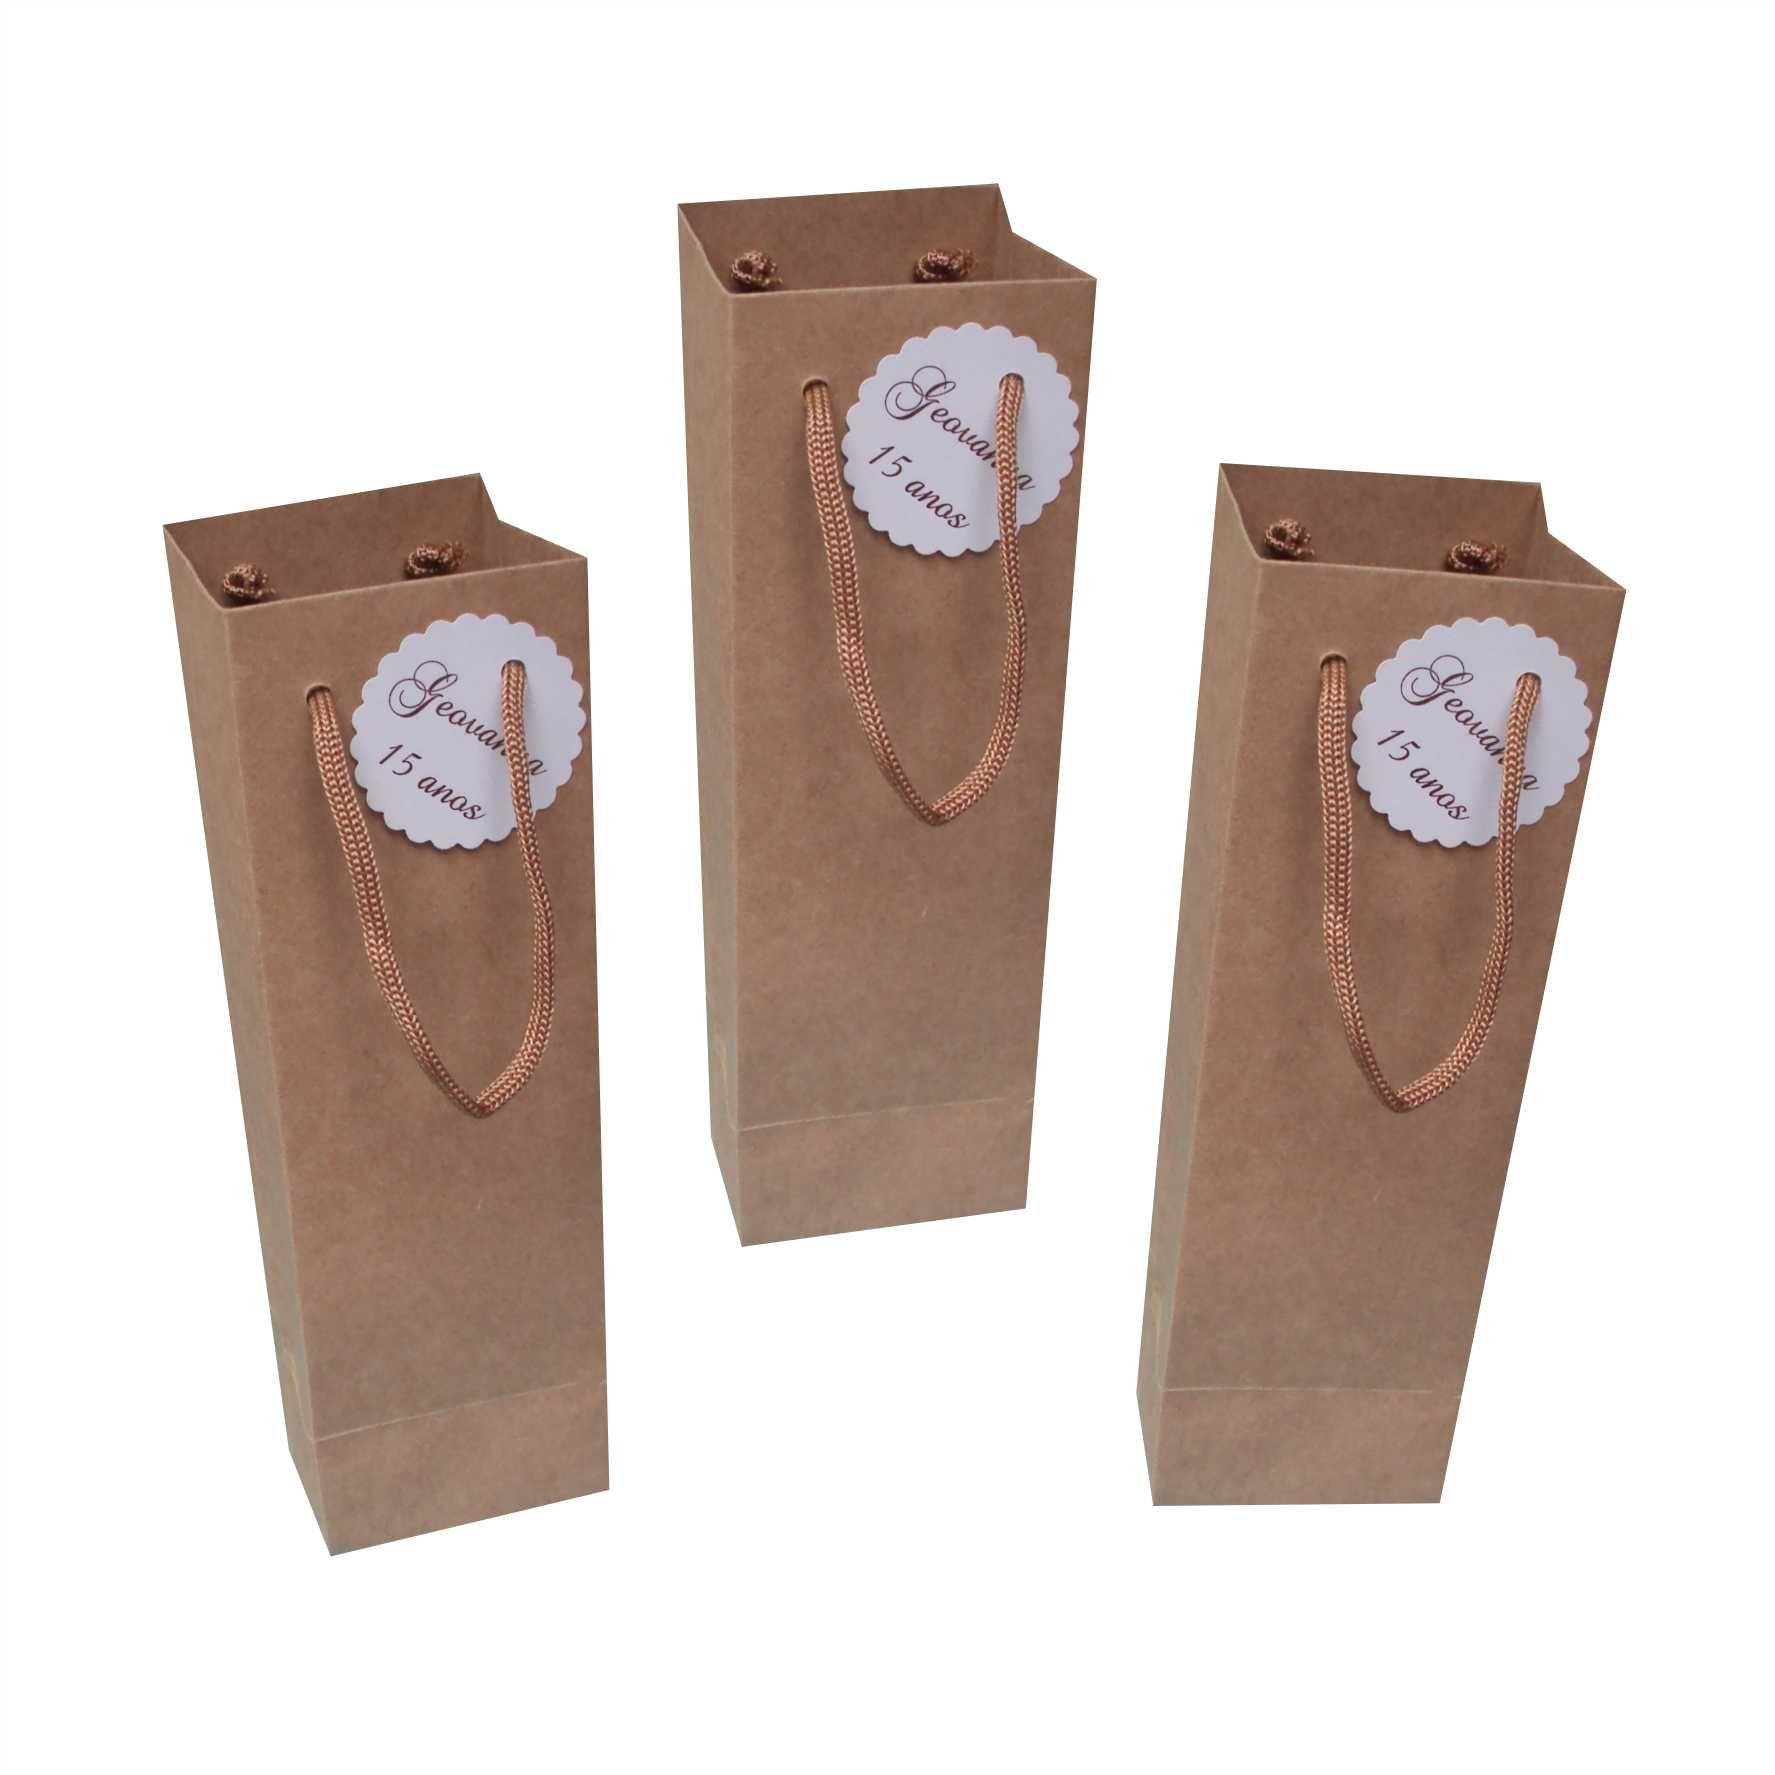 Sacola kraft para taça ou long drink com tag (7,5x24x7 cm) - cor parda - 10 unidades